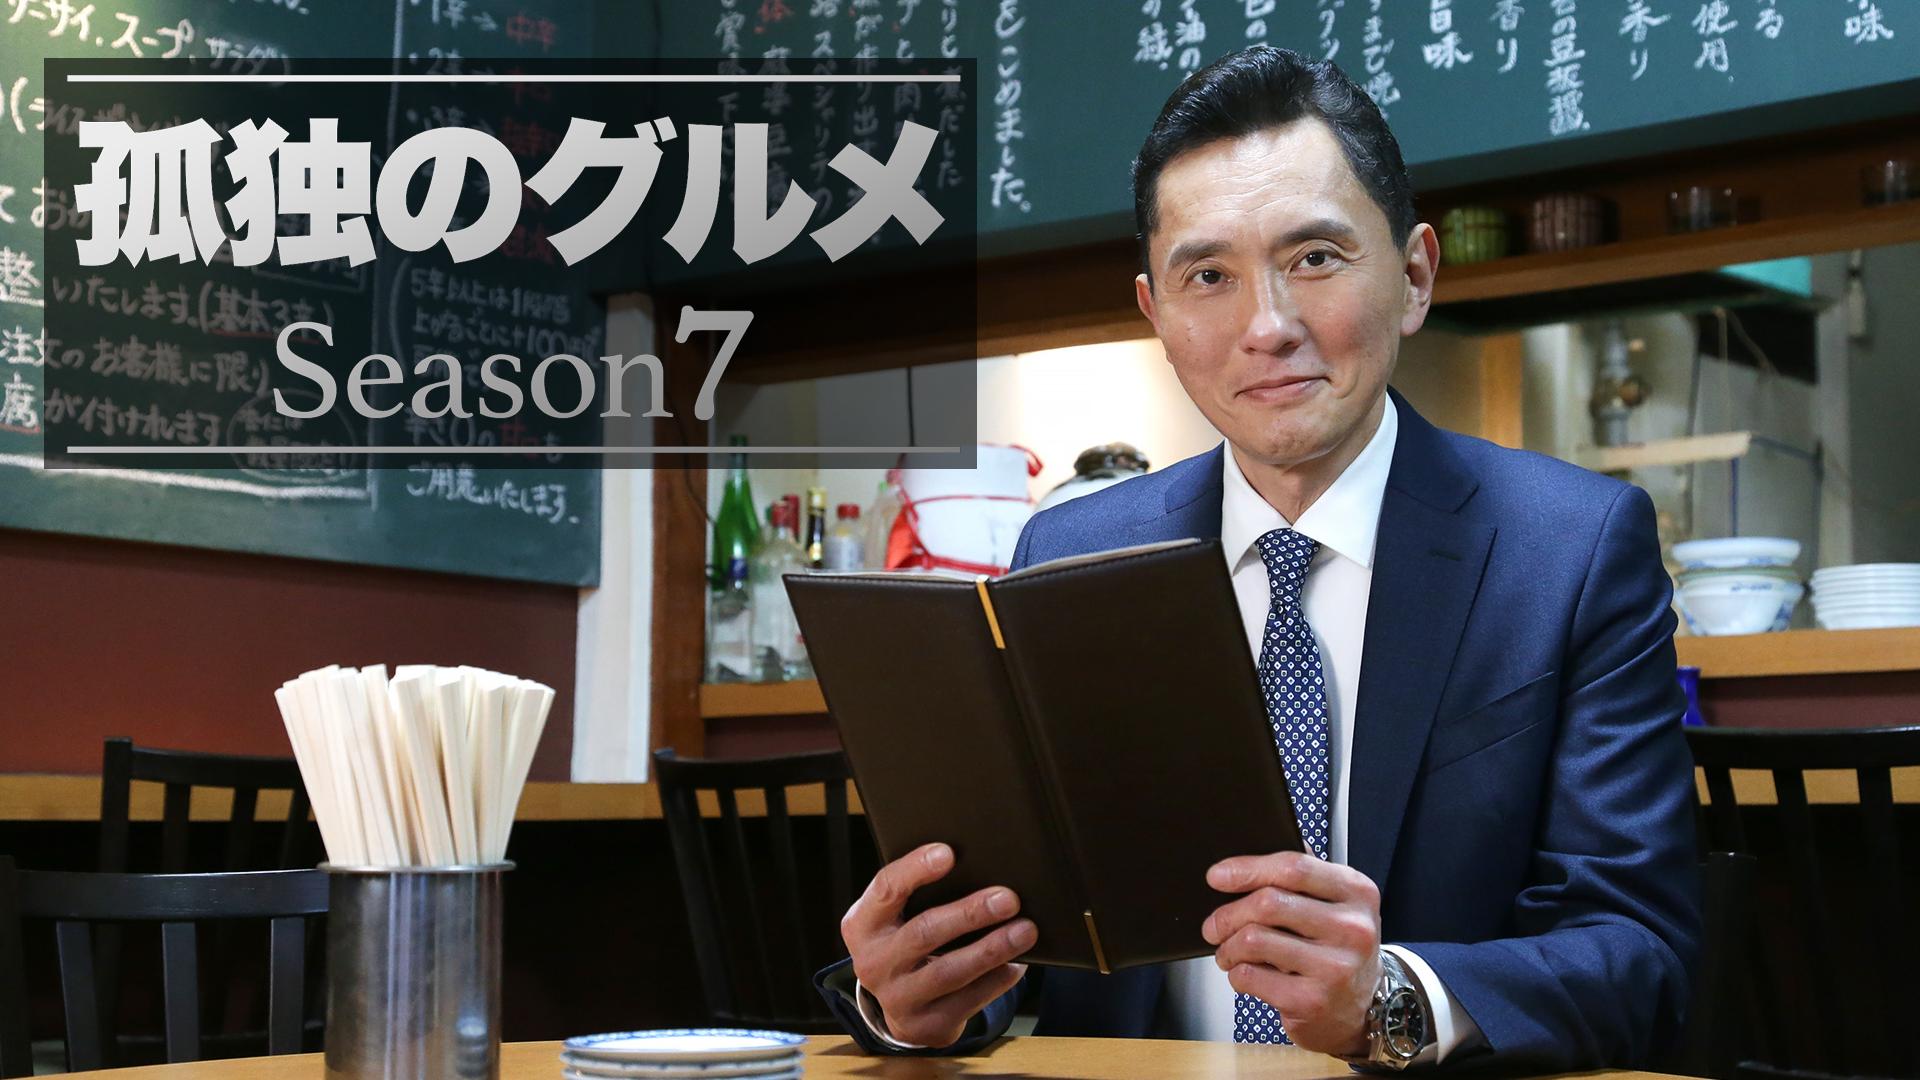 孤独のグルメ Season7の動画 - 孤独のグルメ 大晦日スペシャル~食べ納め!瀬戸内出張編~